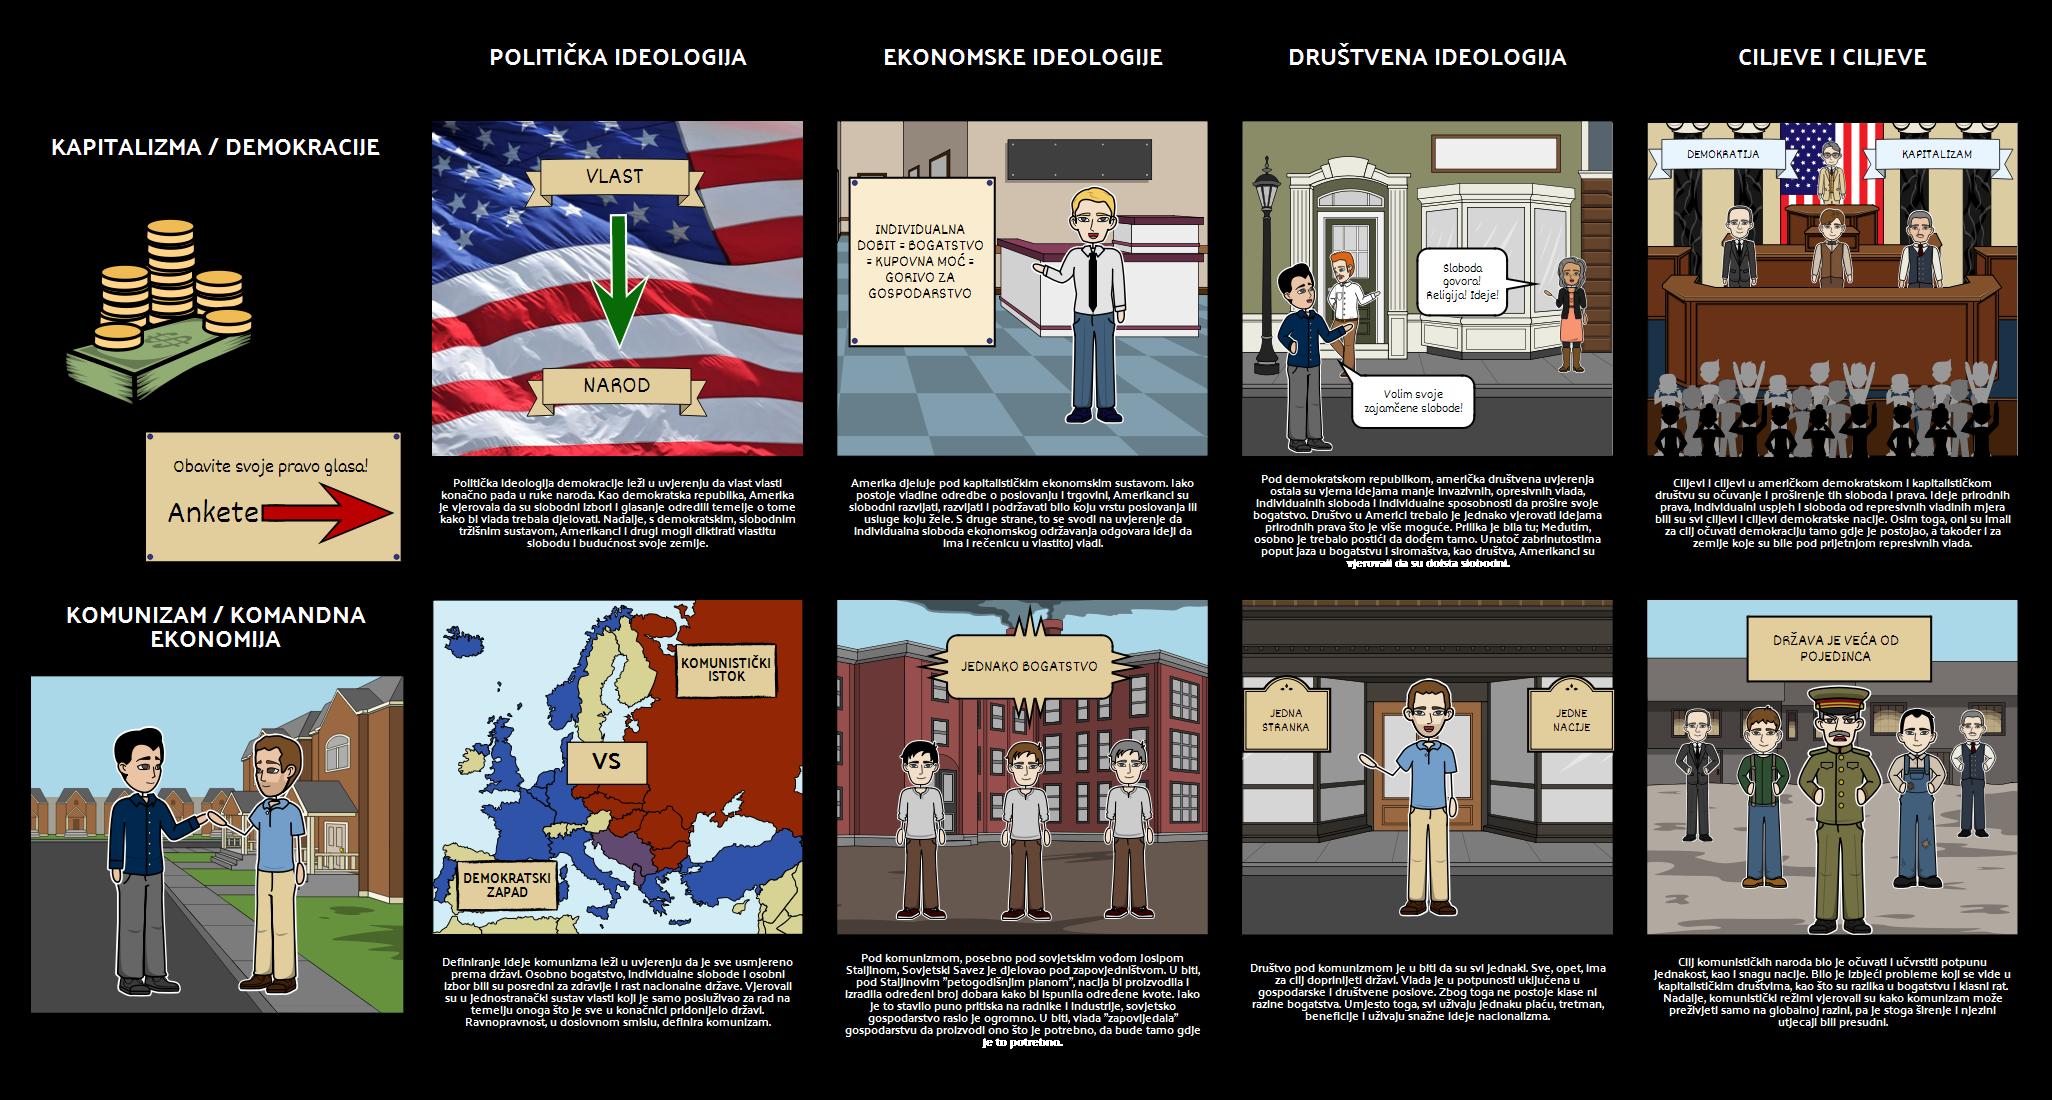 Komparativna Grid - Hladni rat - Komunizam vs. Kapitalizam / Demokracija